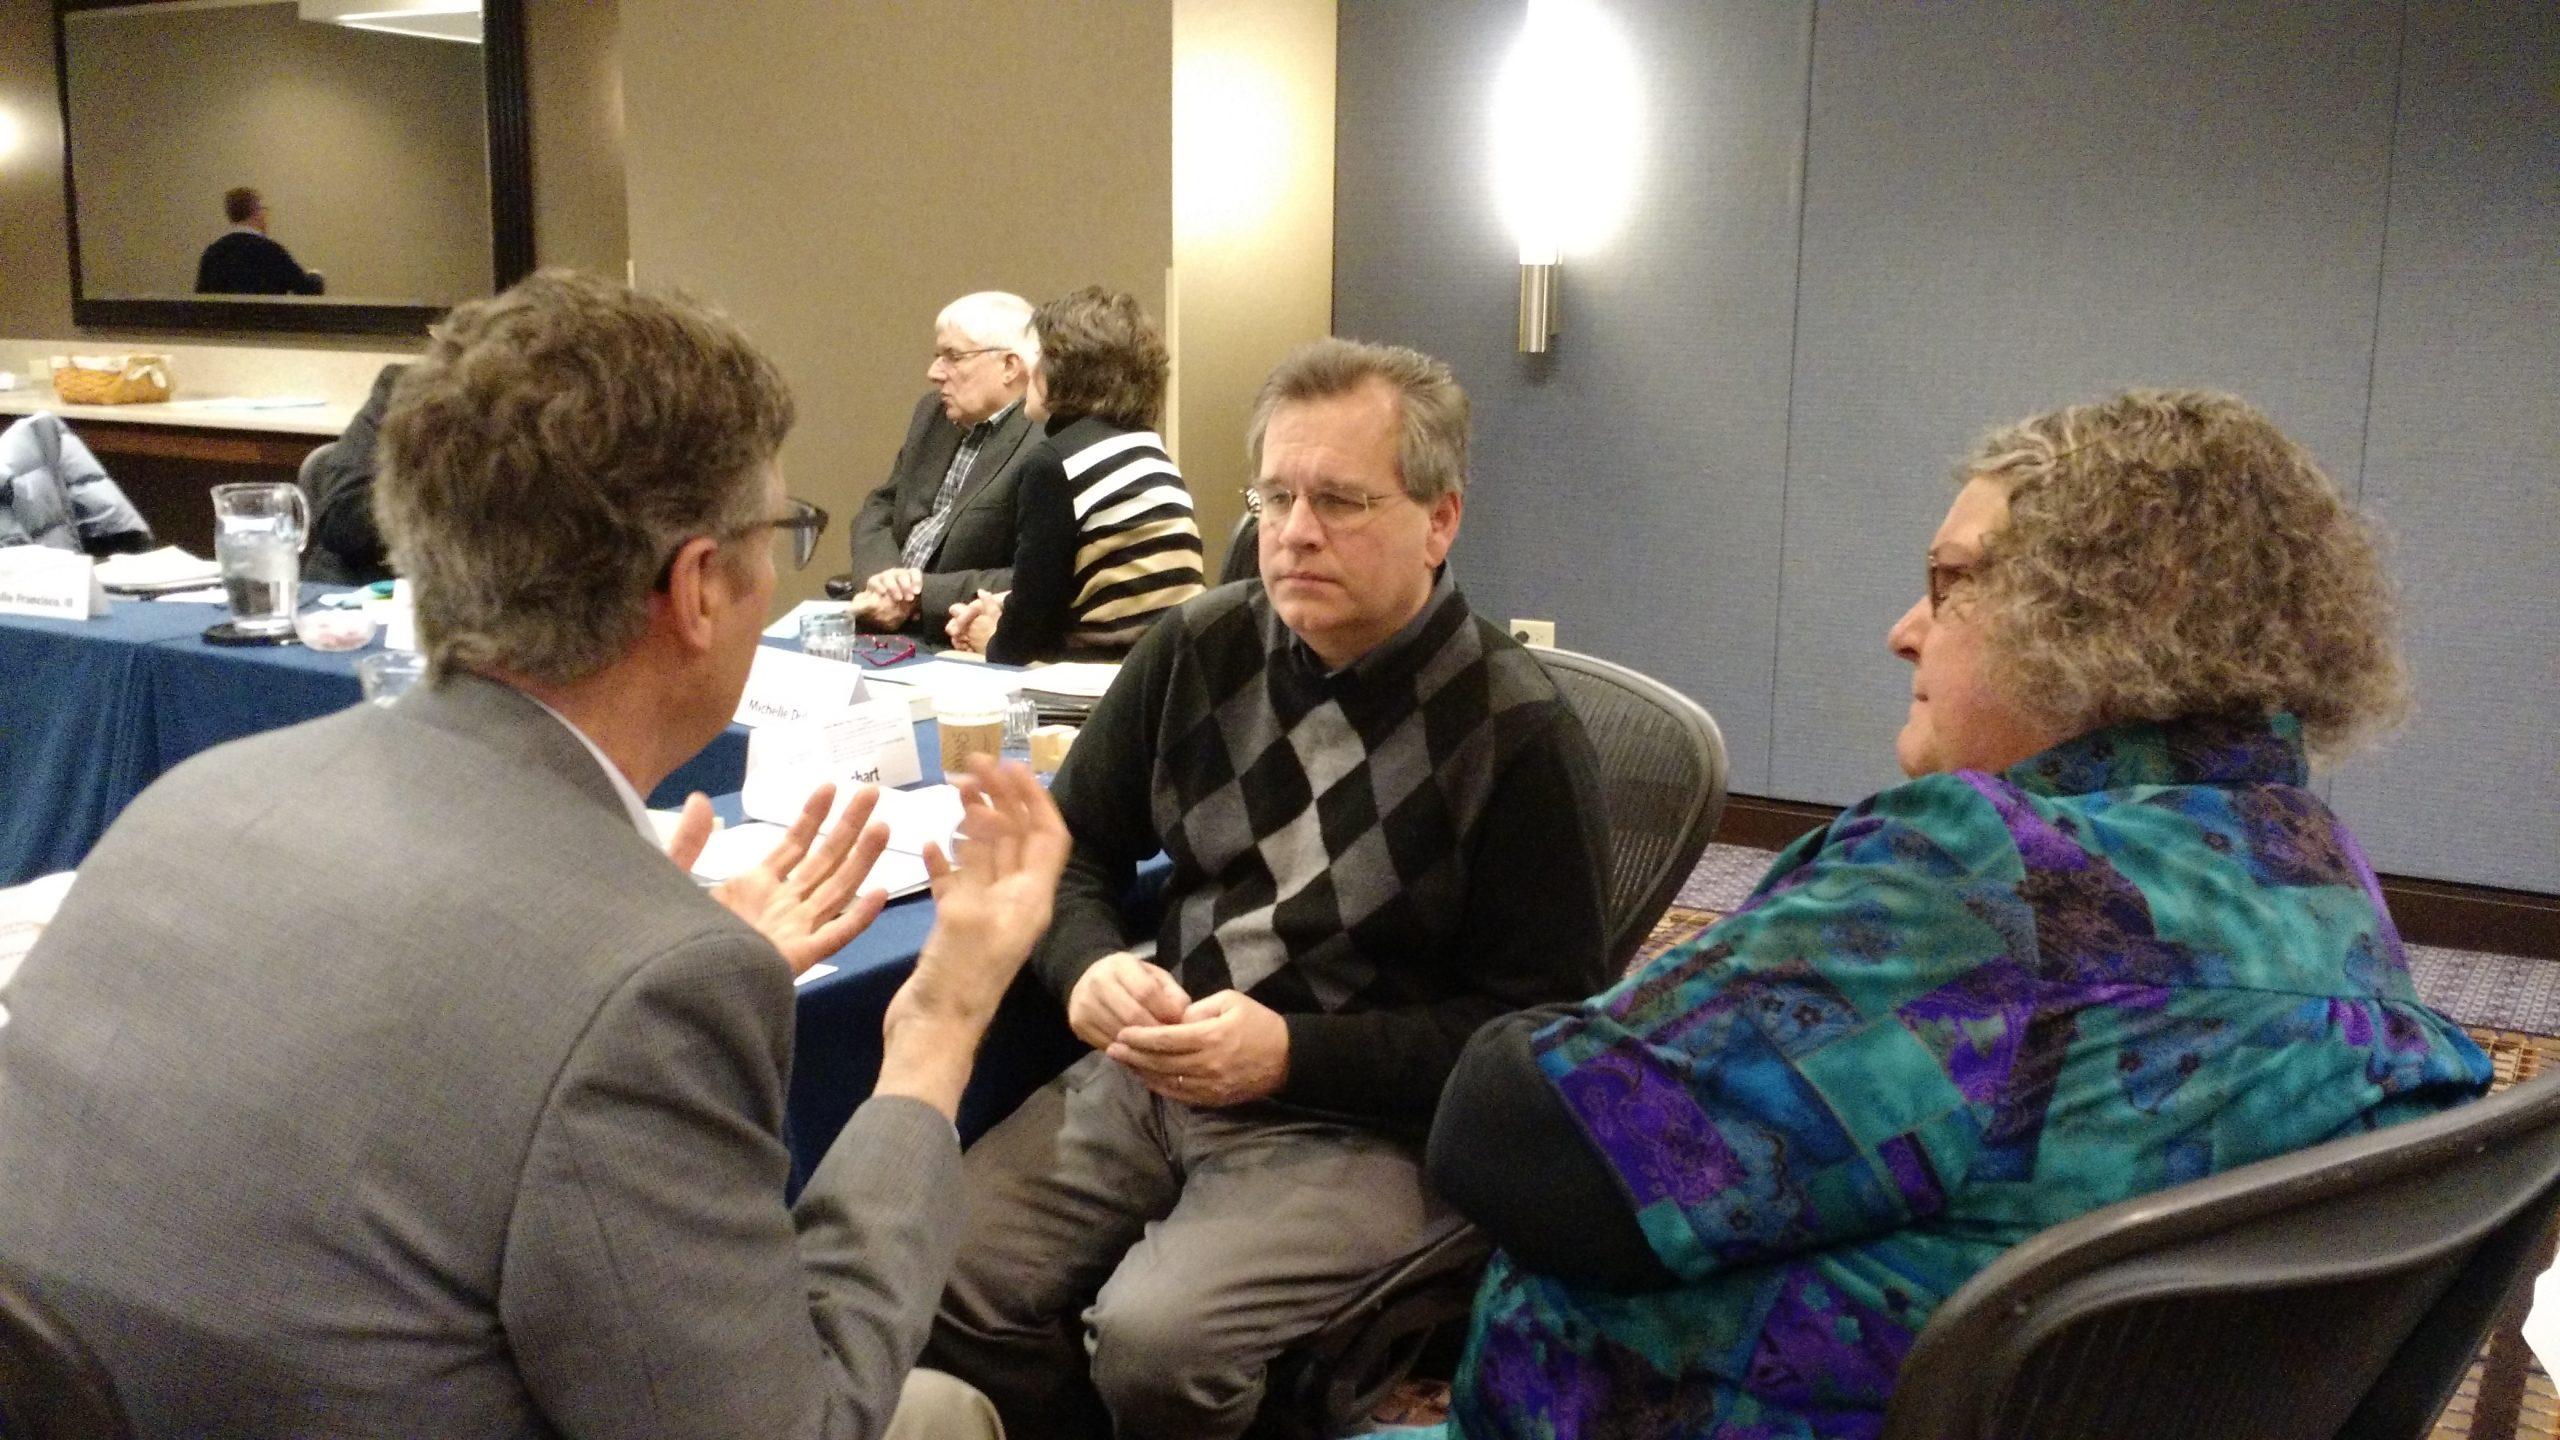 Miembros de la junta ejecutiva de la Iglesia Menonita de EE. UU. en su reunión de febrero del 2016 cerca de Chicago: (de izq. a der.) Ervin Stutzman, director ejecutivo; David Boshart, moderador electo; Patty Shelly, moderadora. (Foto de Janie Beck Kreider)